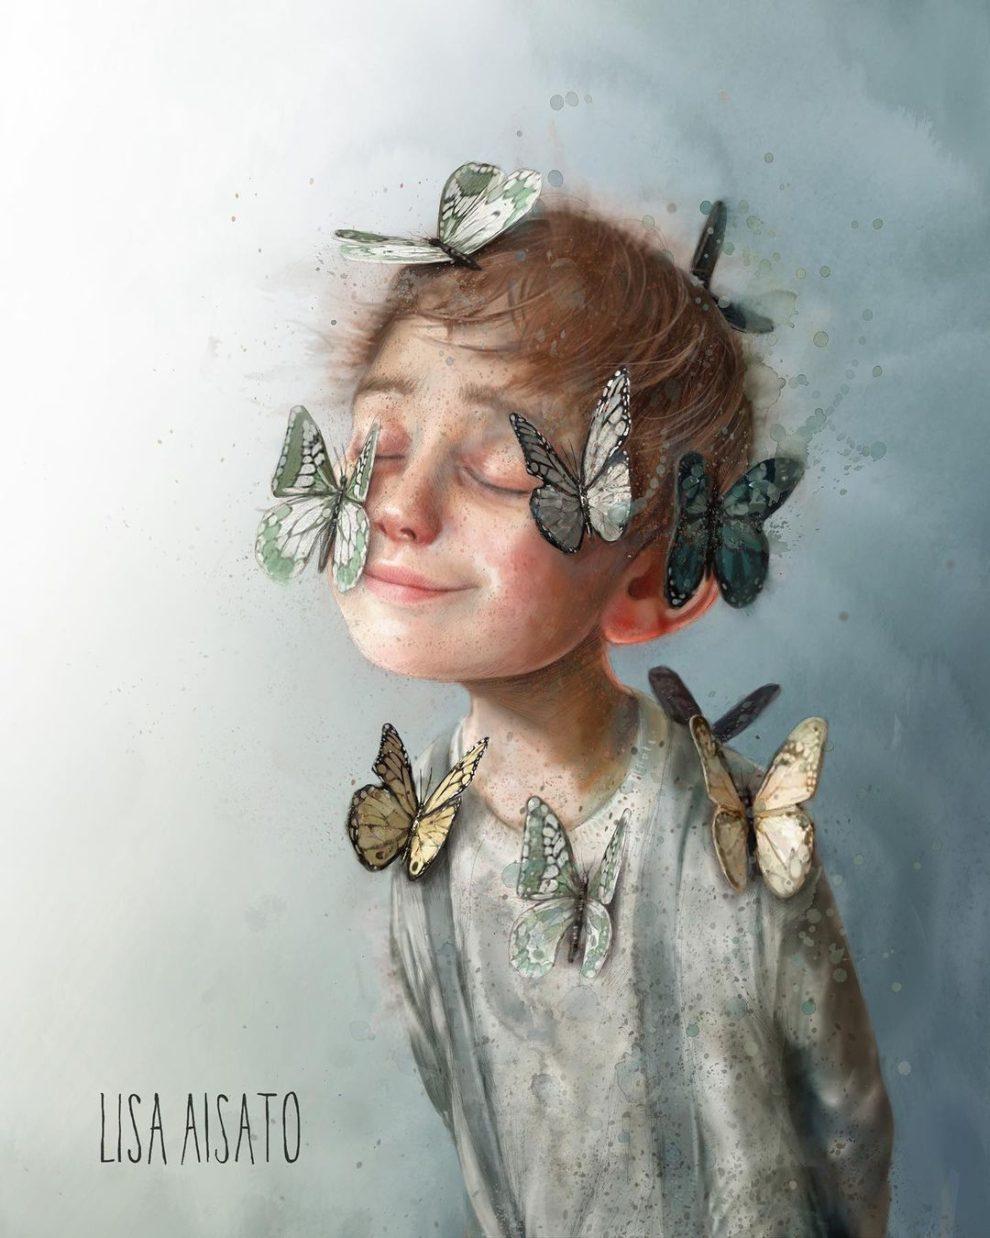 Лиза Айсато - известный в Норвегии художник  (6).jpg